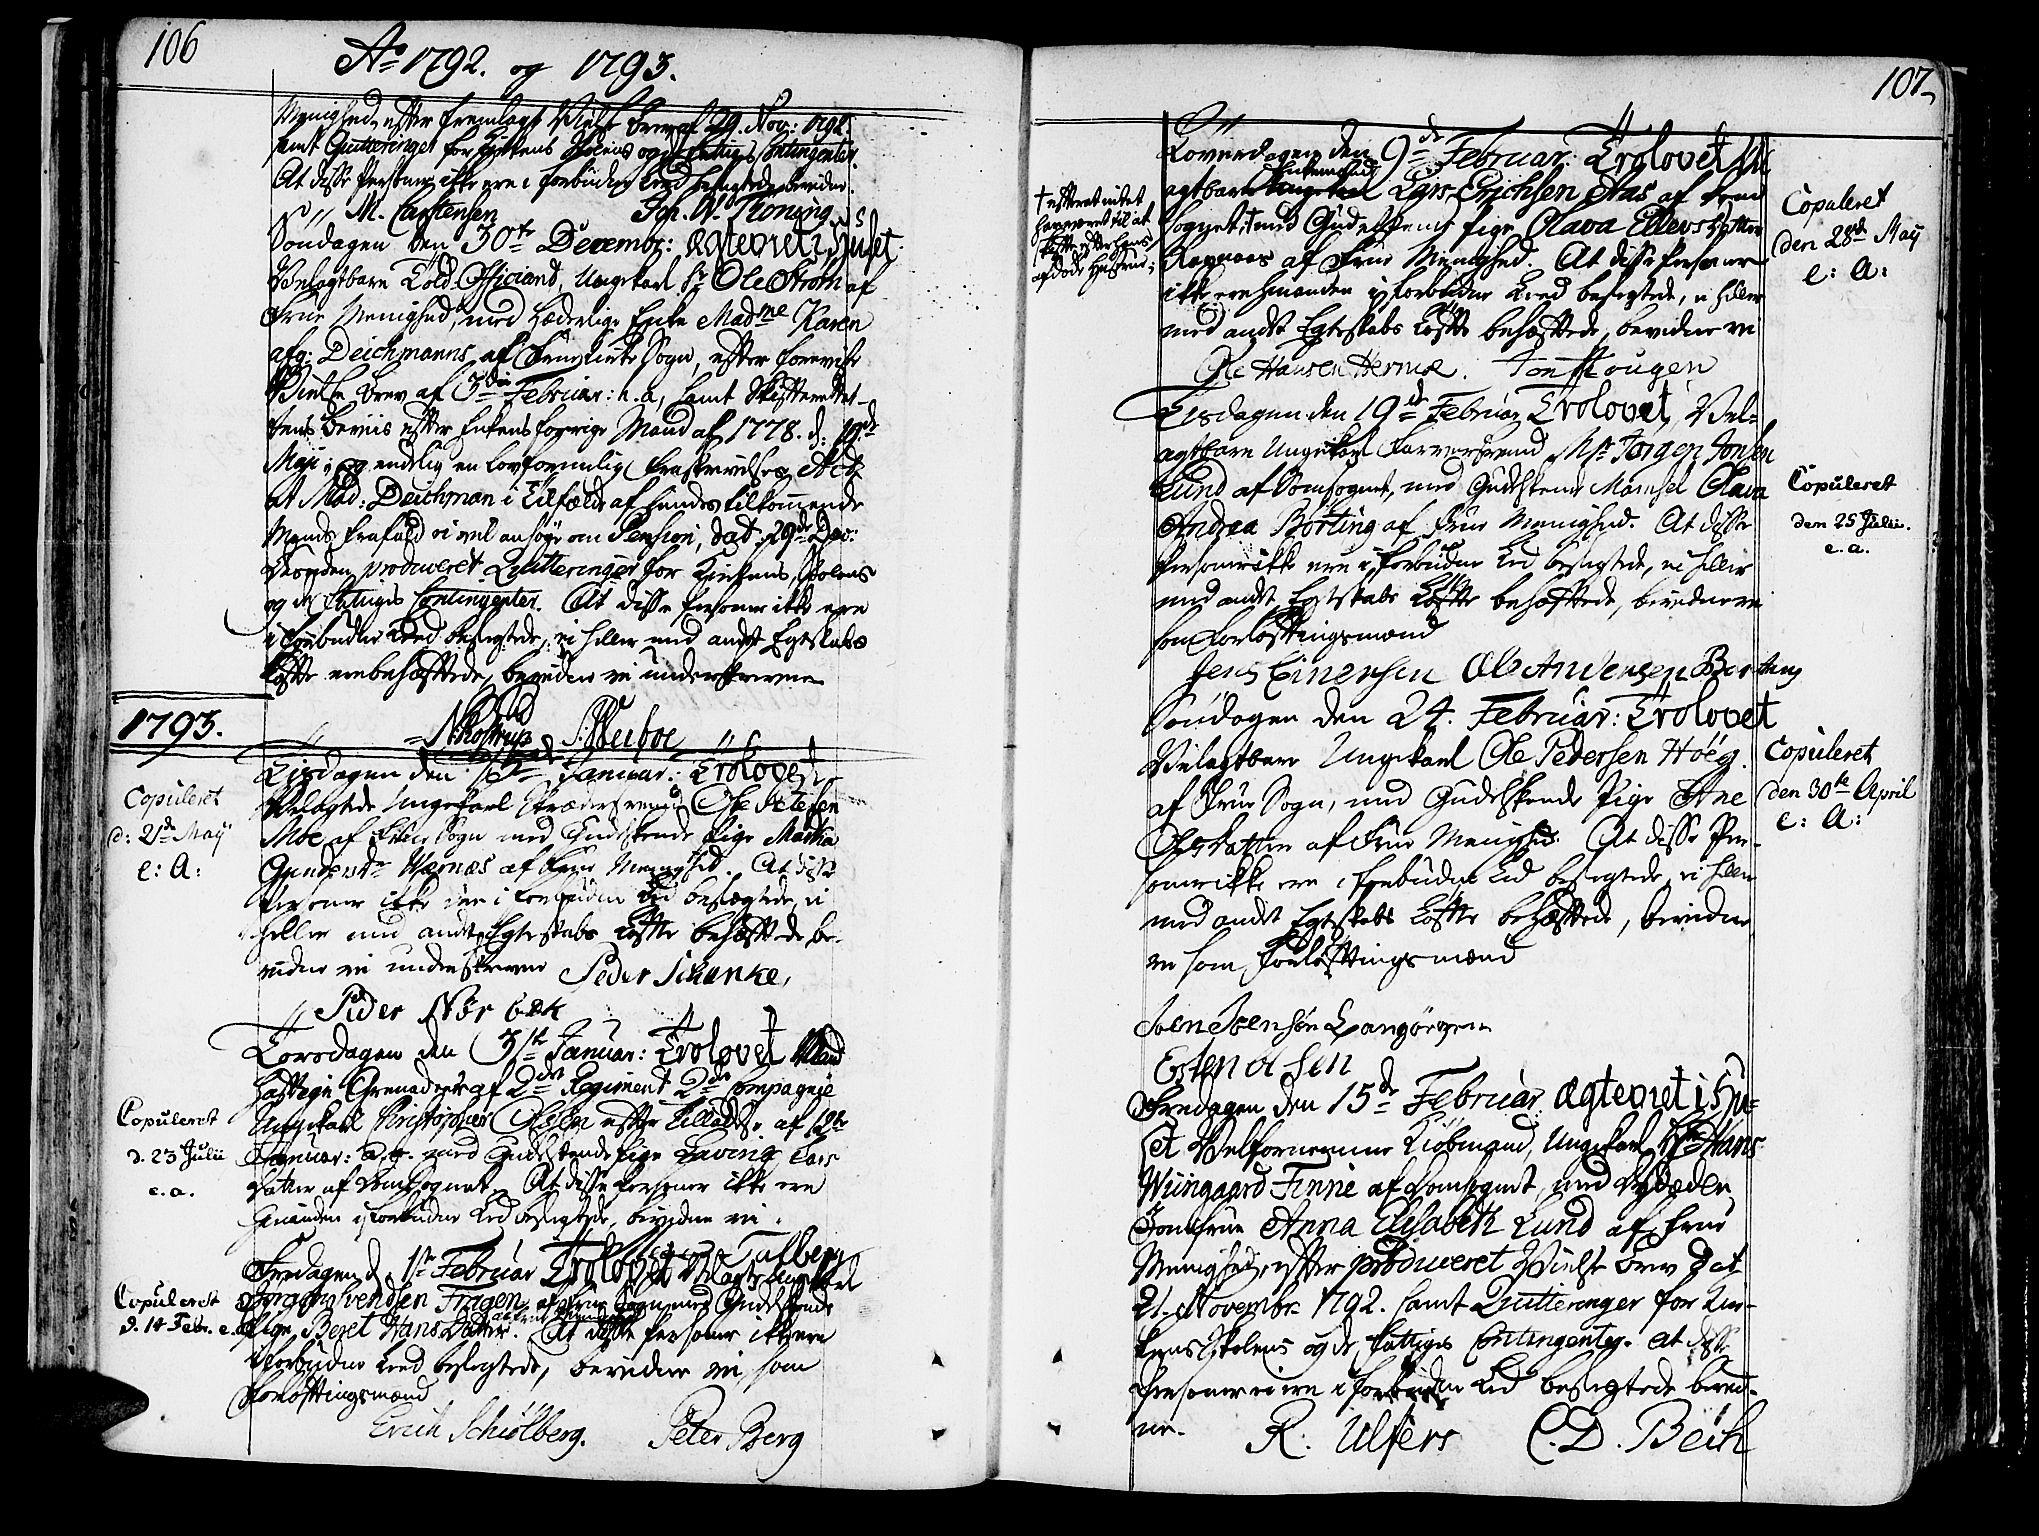 SAT, Ministerialprotokoller, klokkerbøker og fødselsregistre - Sør-Trøndelag, 602/L0105: Ministerialbok nr. 602A03, 1774-1814, s. 106-107